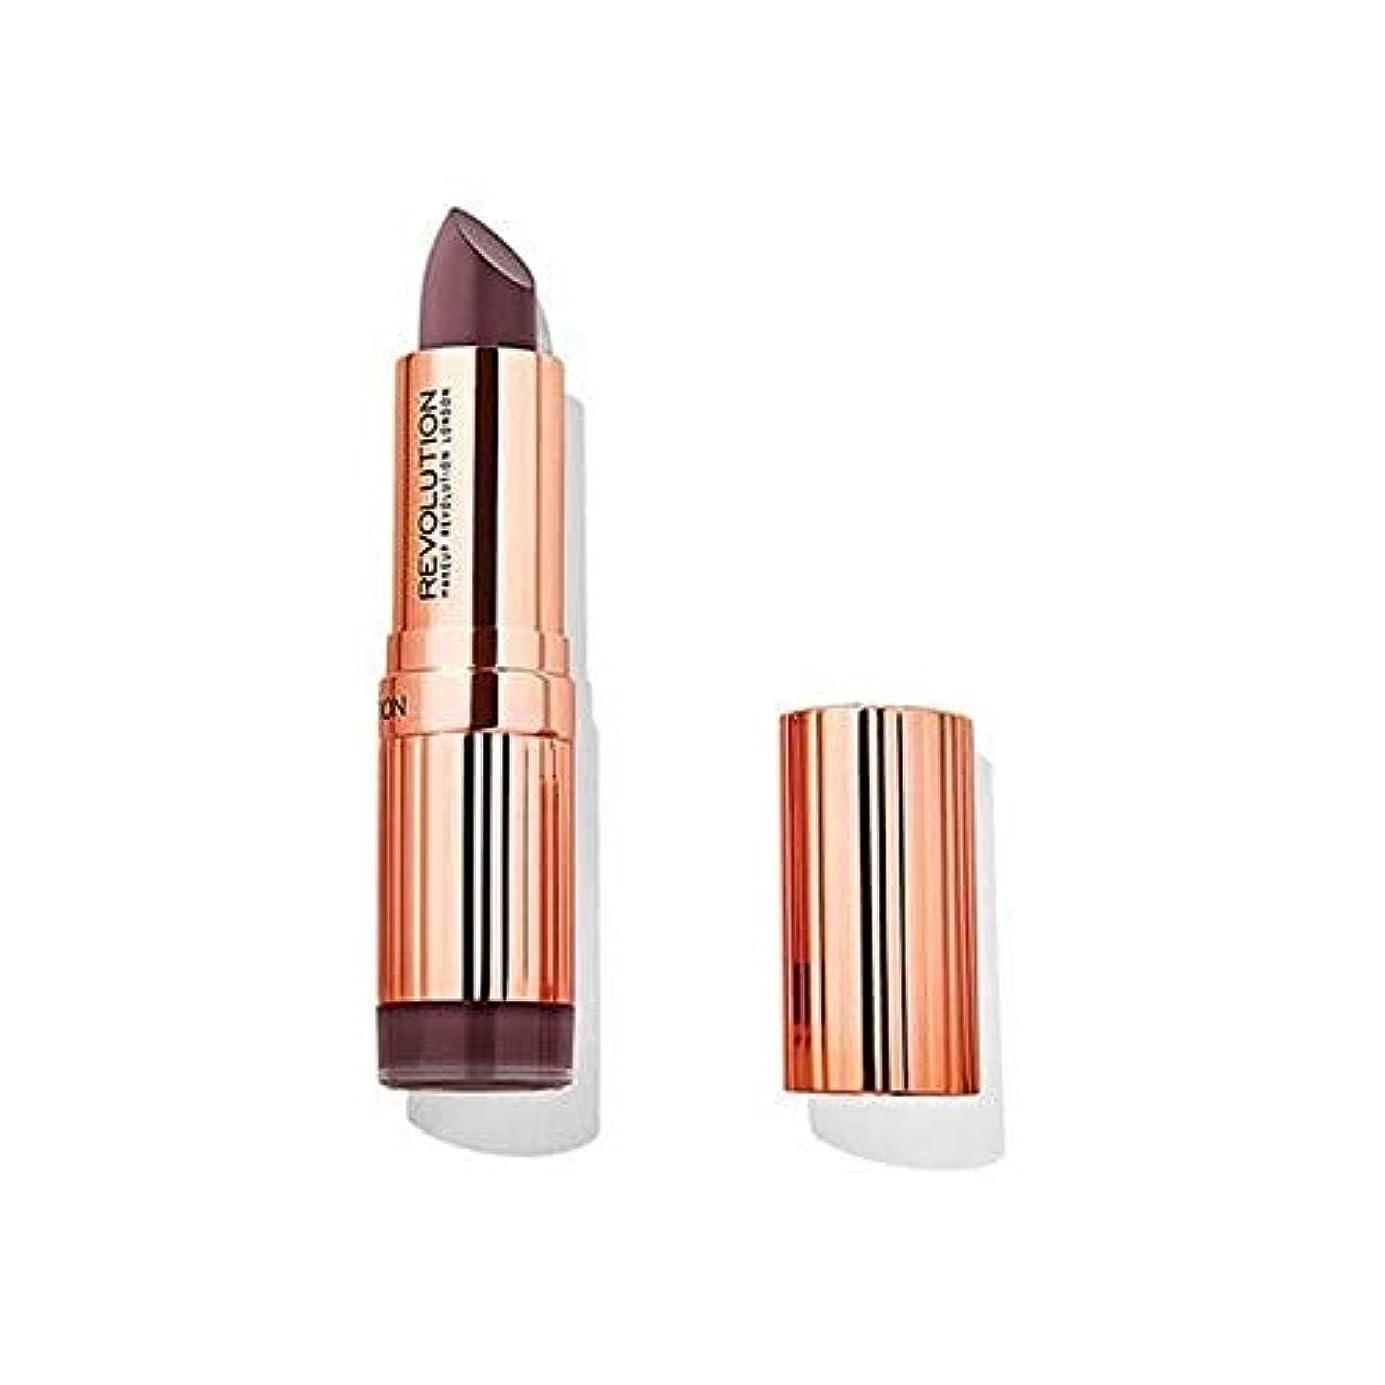 オズワルドインカ帝国図[Revolution ] 革命ルネサンス口紅買収 - Revolution Renaissance Lipstick Takeover [並行輸入品]